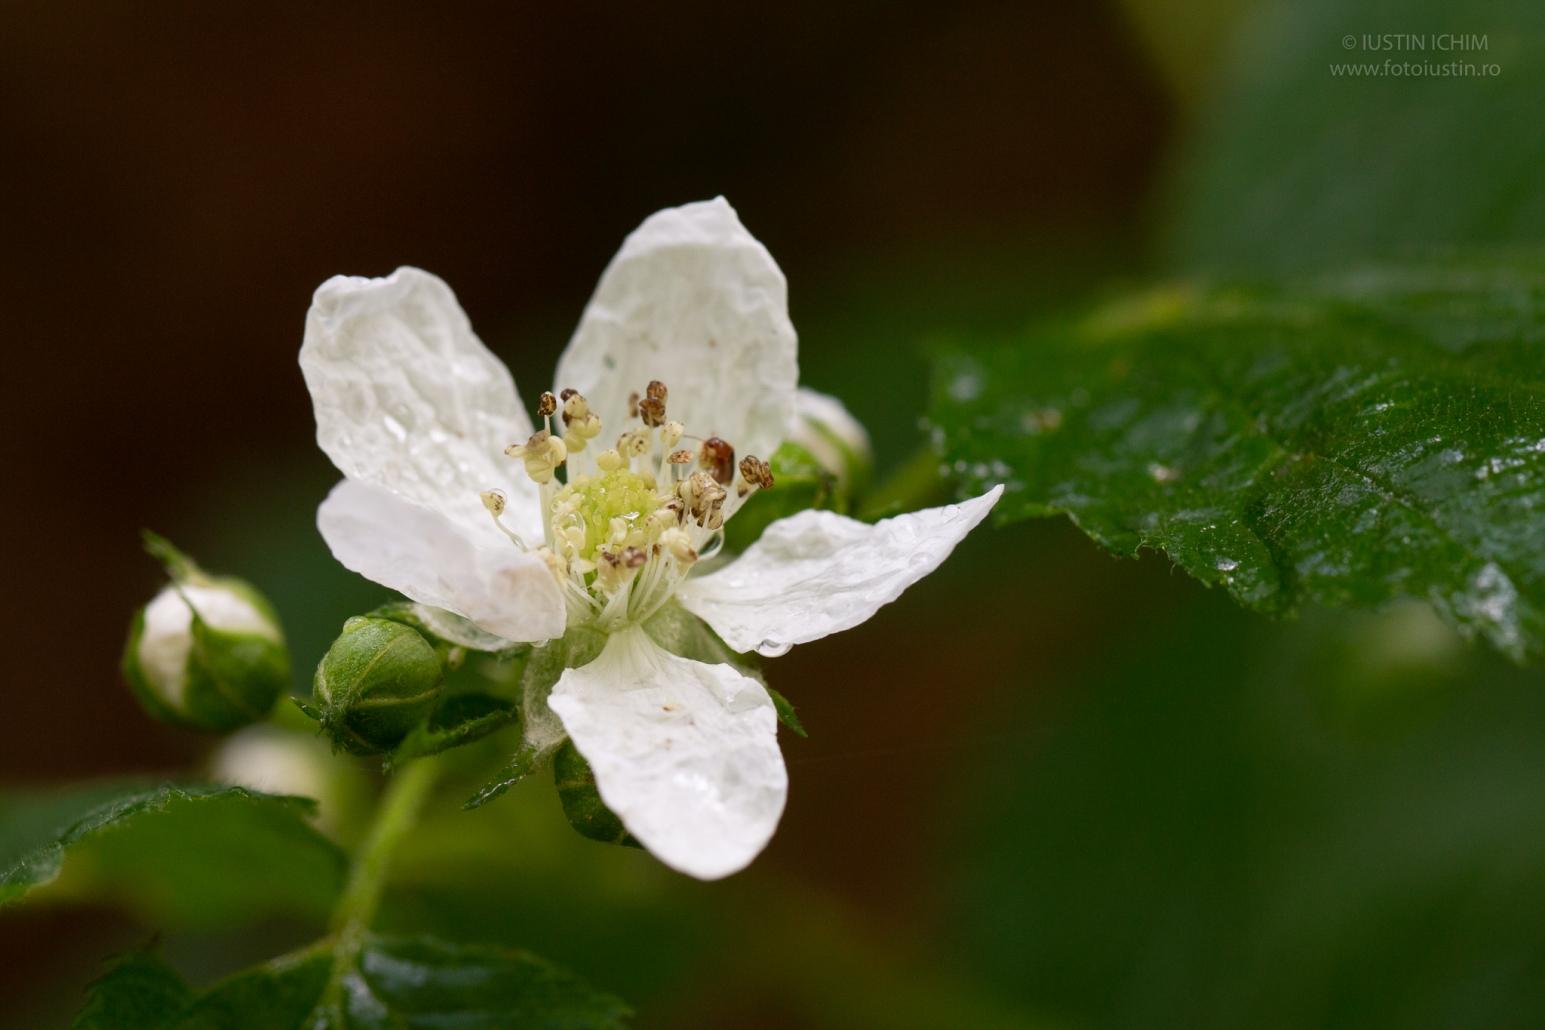 Rubus fam. Rosaceae, murele sau zmeura